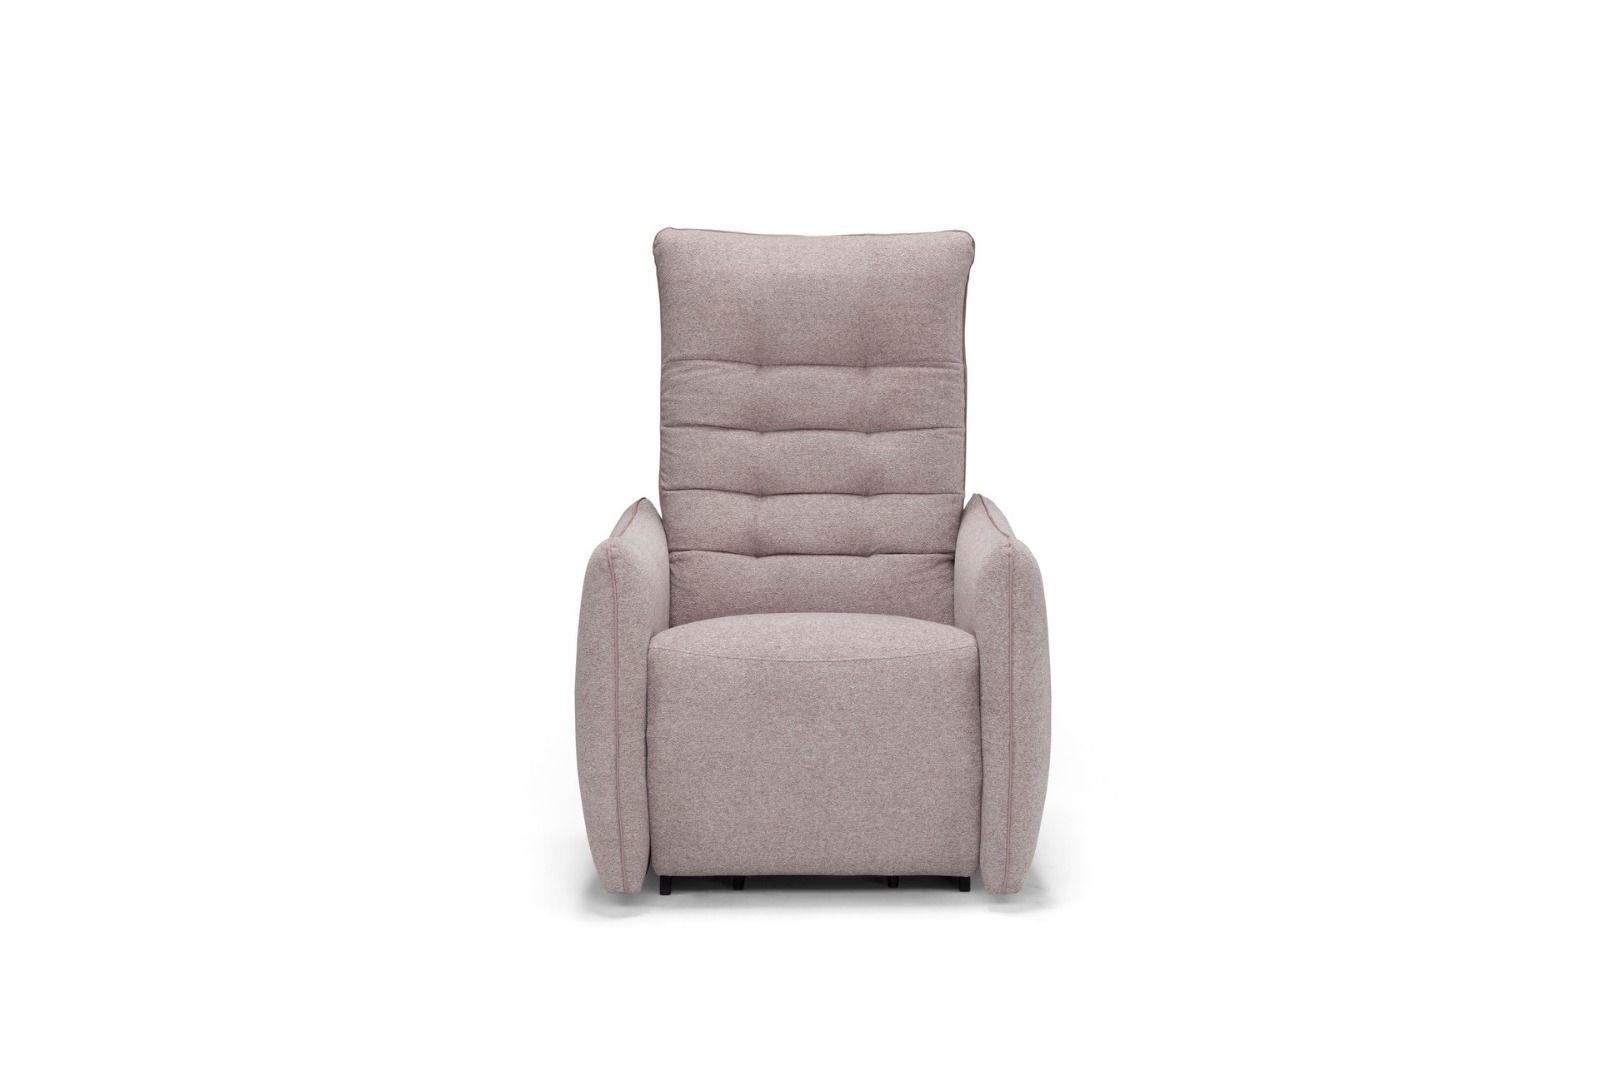 Poltrona Reclinabile Con Poggiapiedi Ikea.Poltrona Relax Con Schienale Alto Poltrone Schienali E Relax